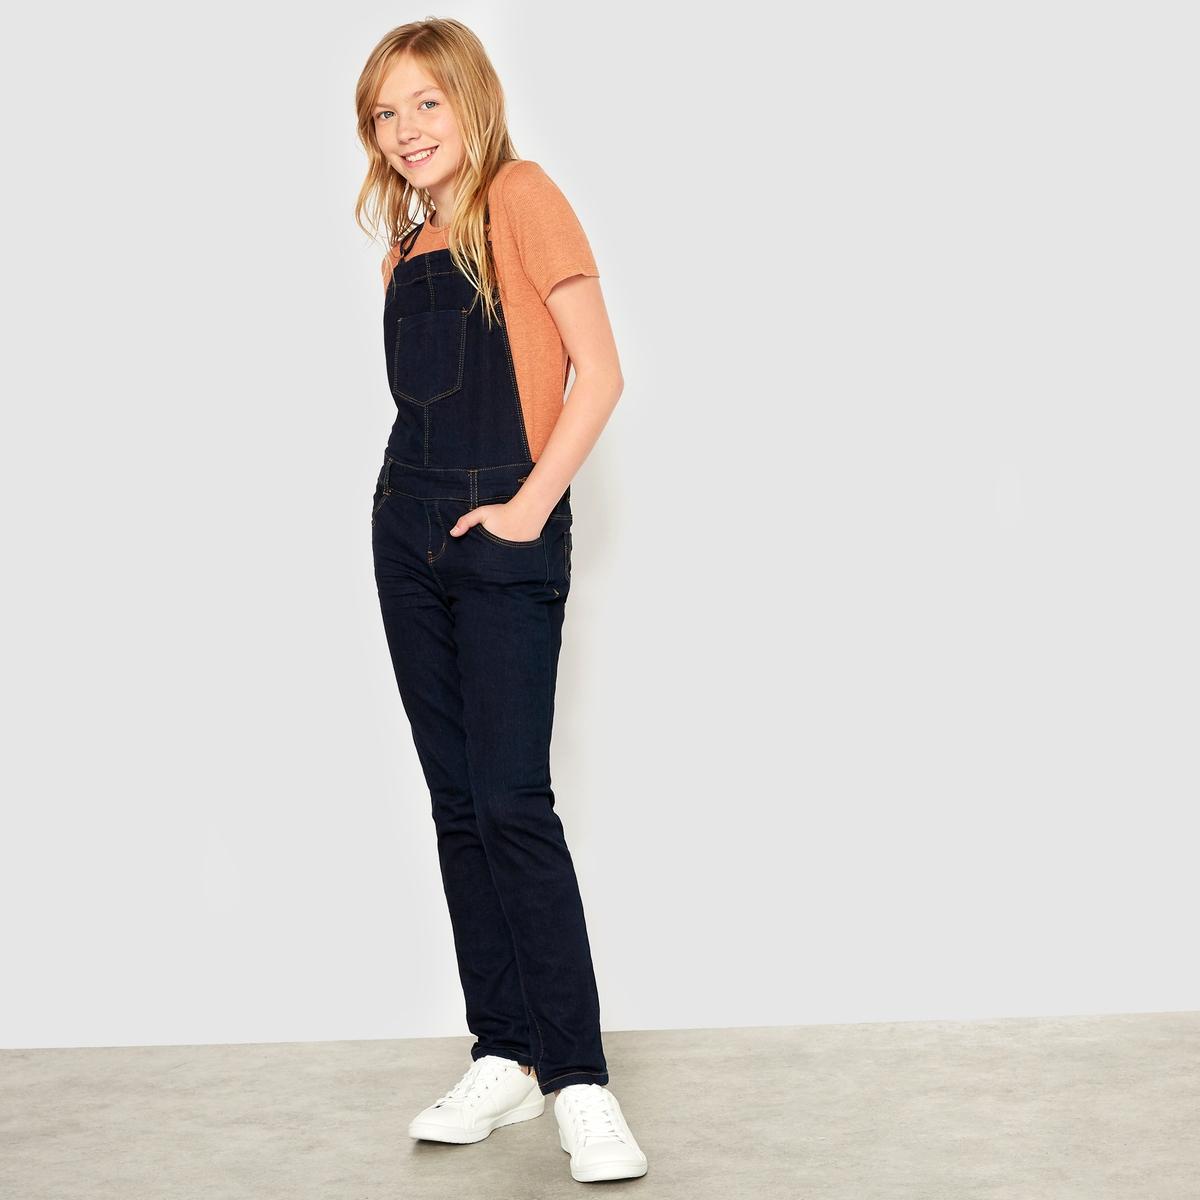 Комбинезон джинсовый зауженного покроя, 10-16 лет от La Redoute